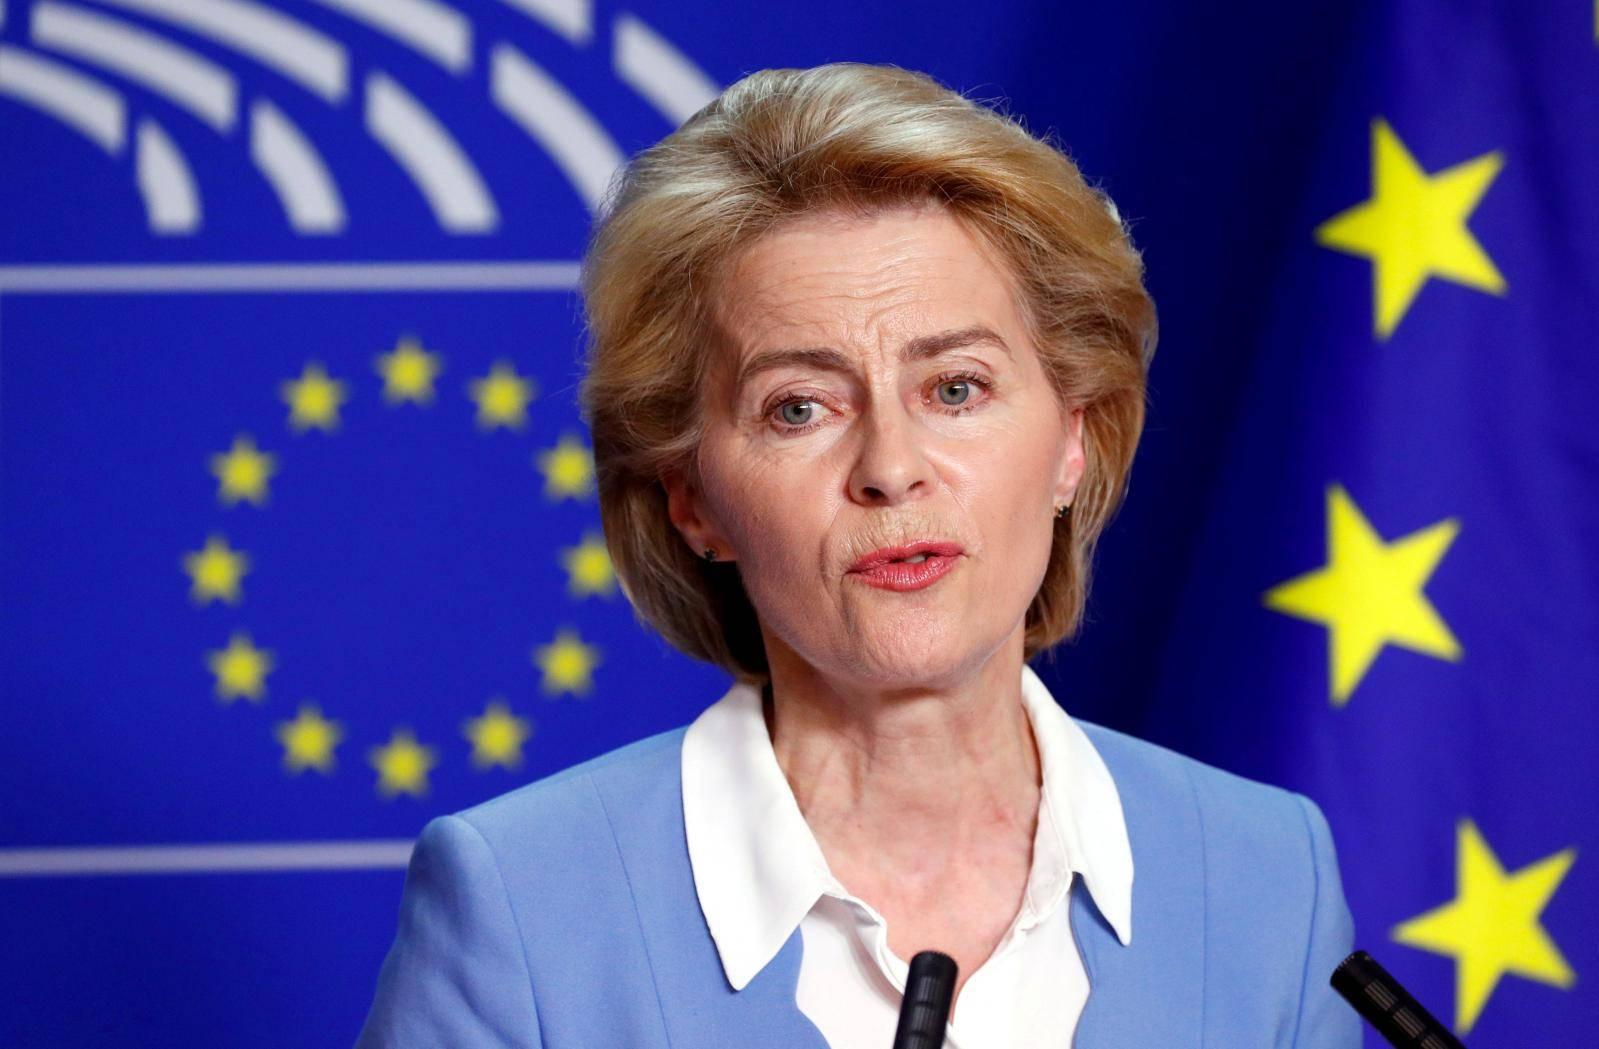 FILE PHOTO: German Defense Minister von der Leyen briefs the media at the EU Parliament in Brussels